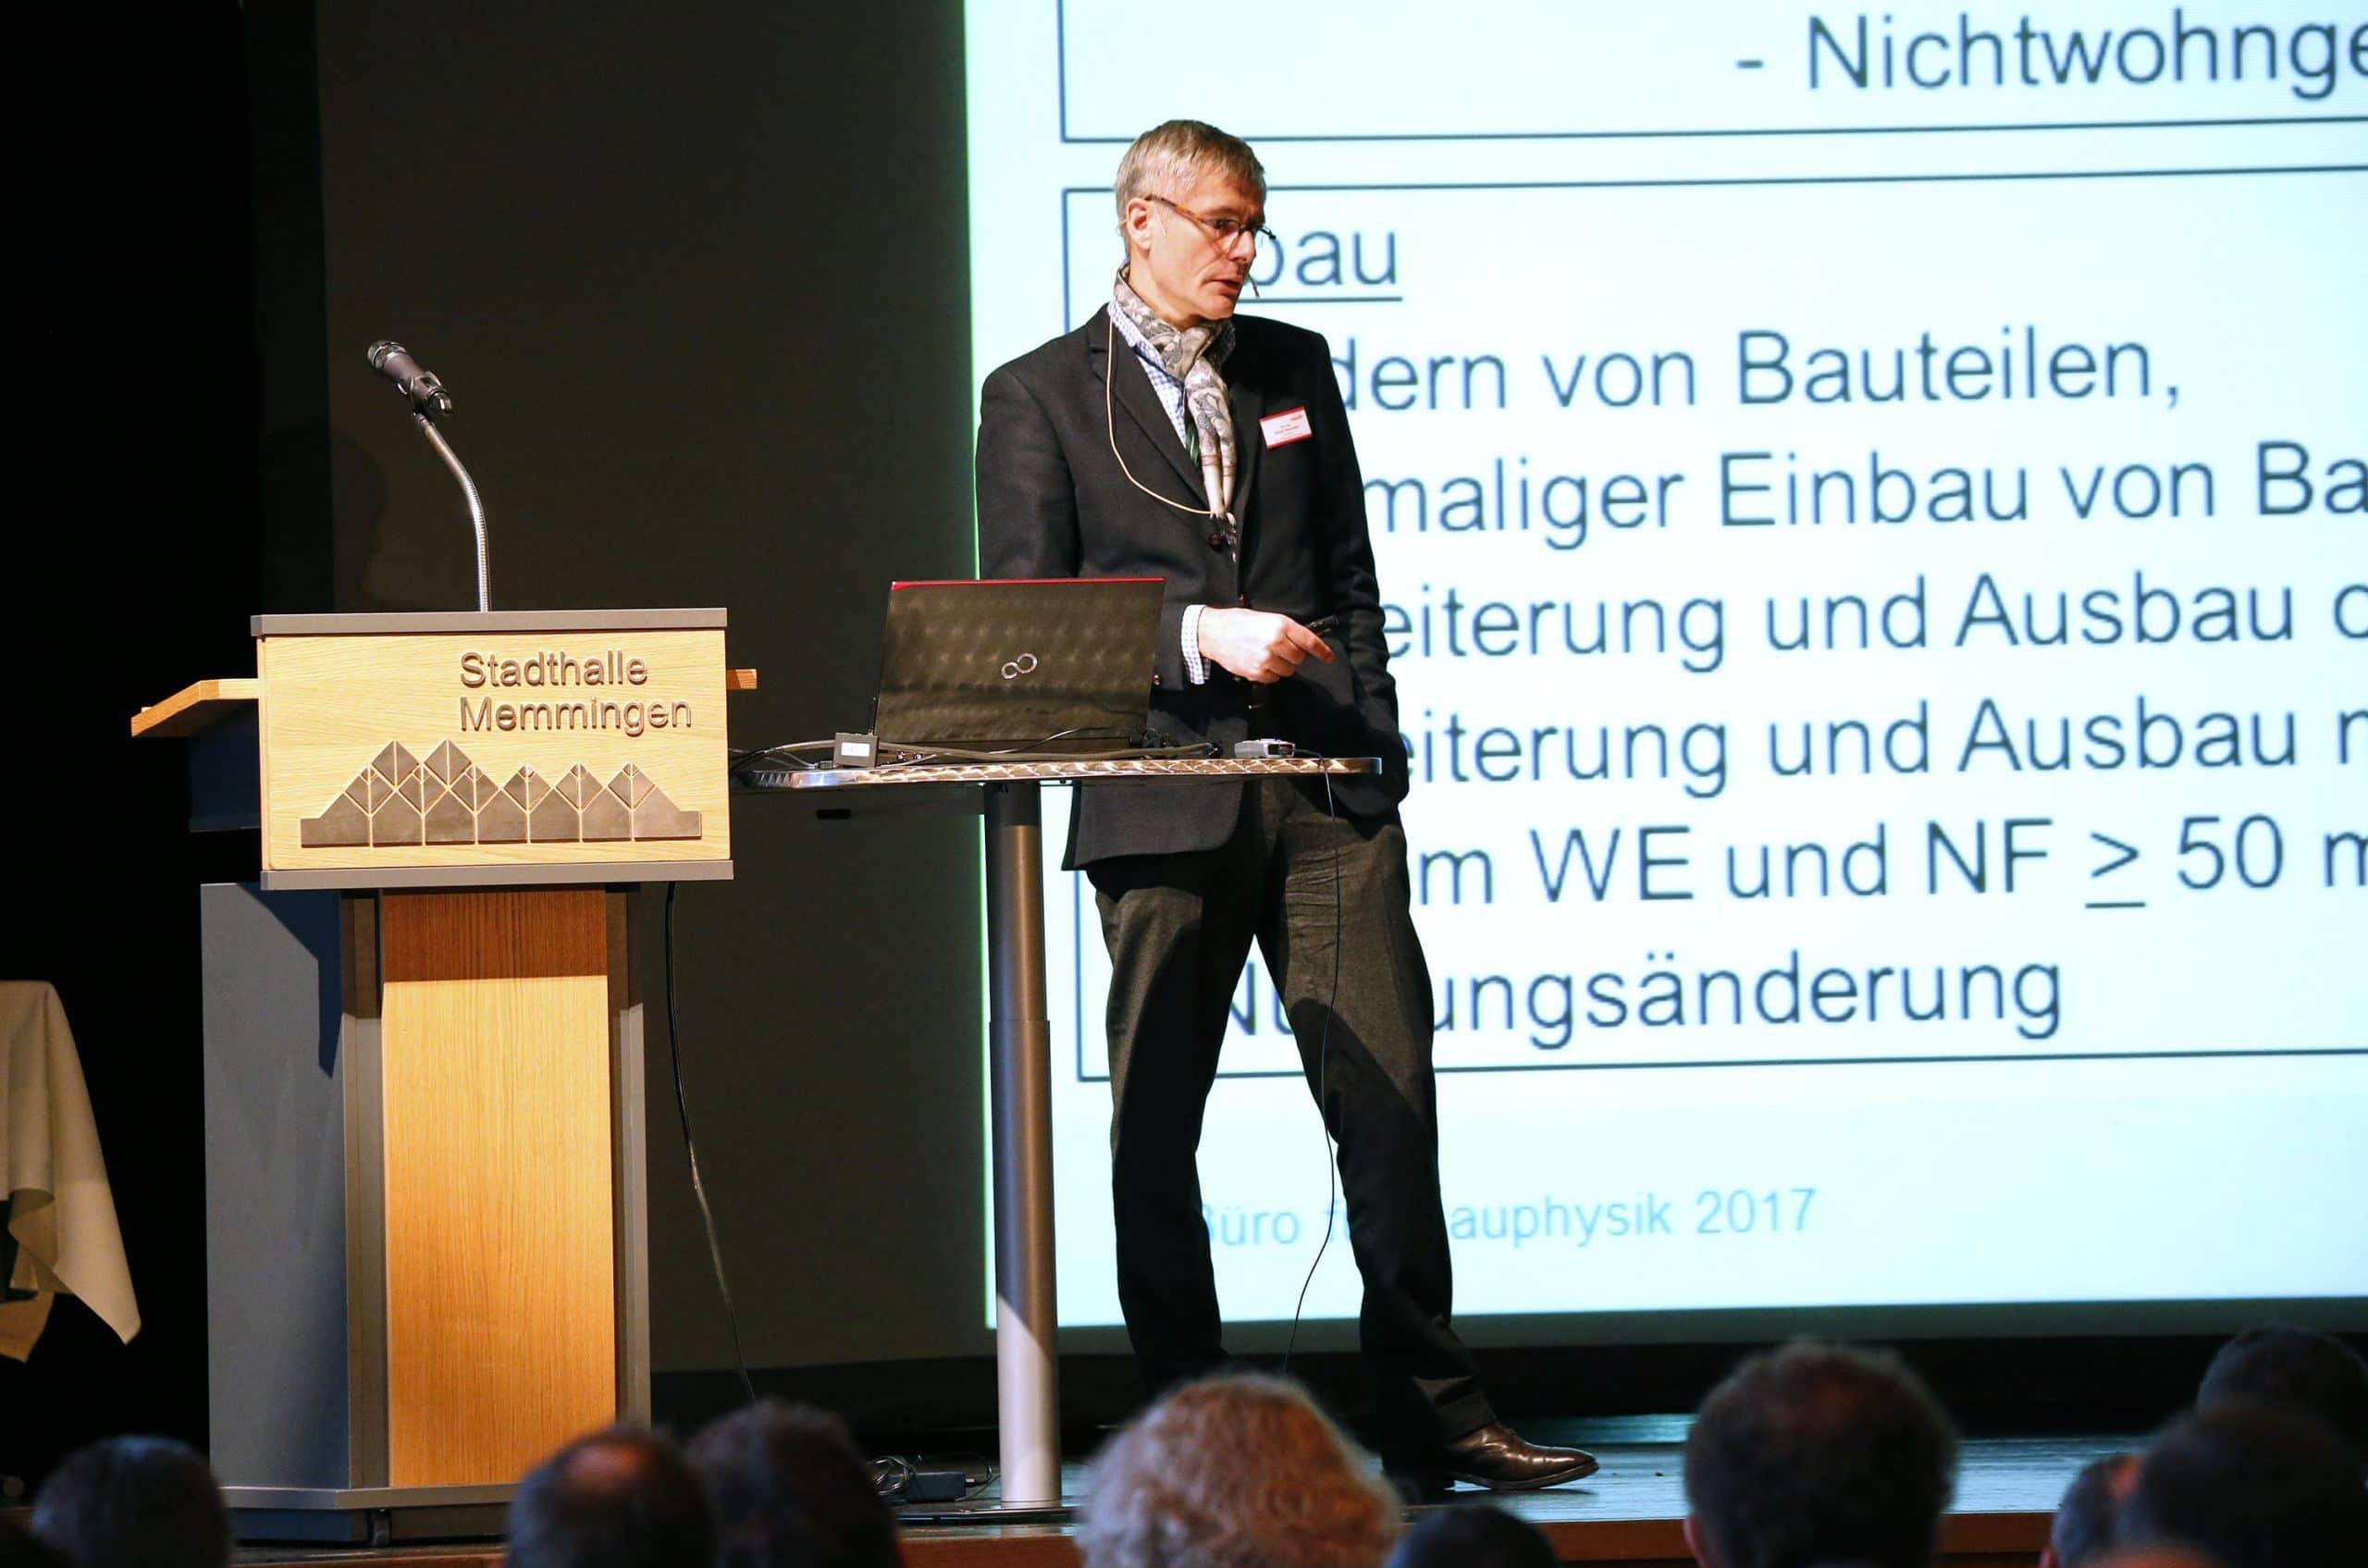 Nachhaltiger Mauerwerksbau im Fokus – Mauerwerkstag 2020 in Memmingen: Das neue Gebäudeenergiegesetz (GEG), die CO2-Bepreisung sowie eine energieeffiziente Gebäudeplanung stehen im Mittelpunkt